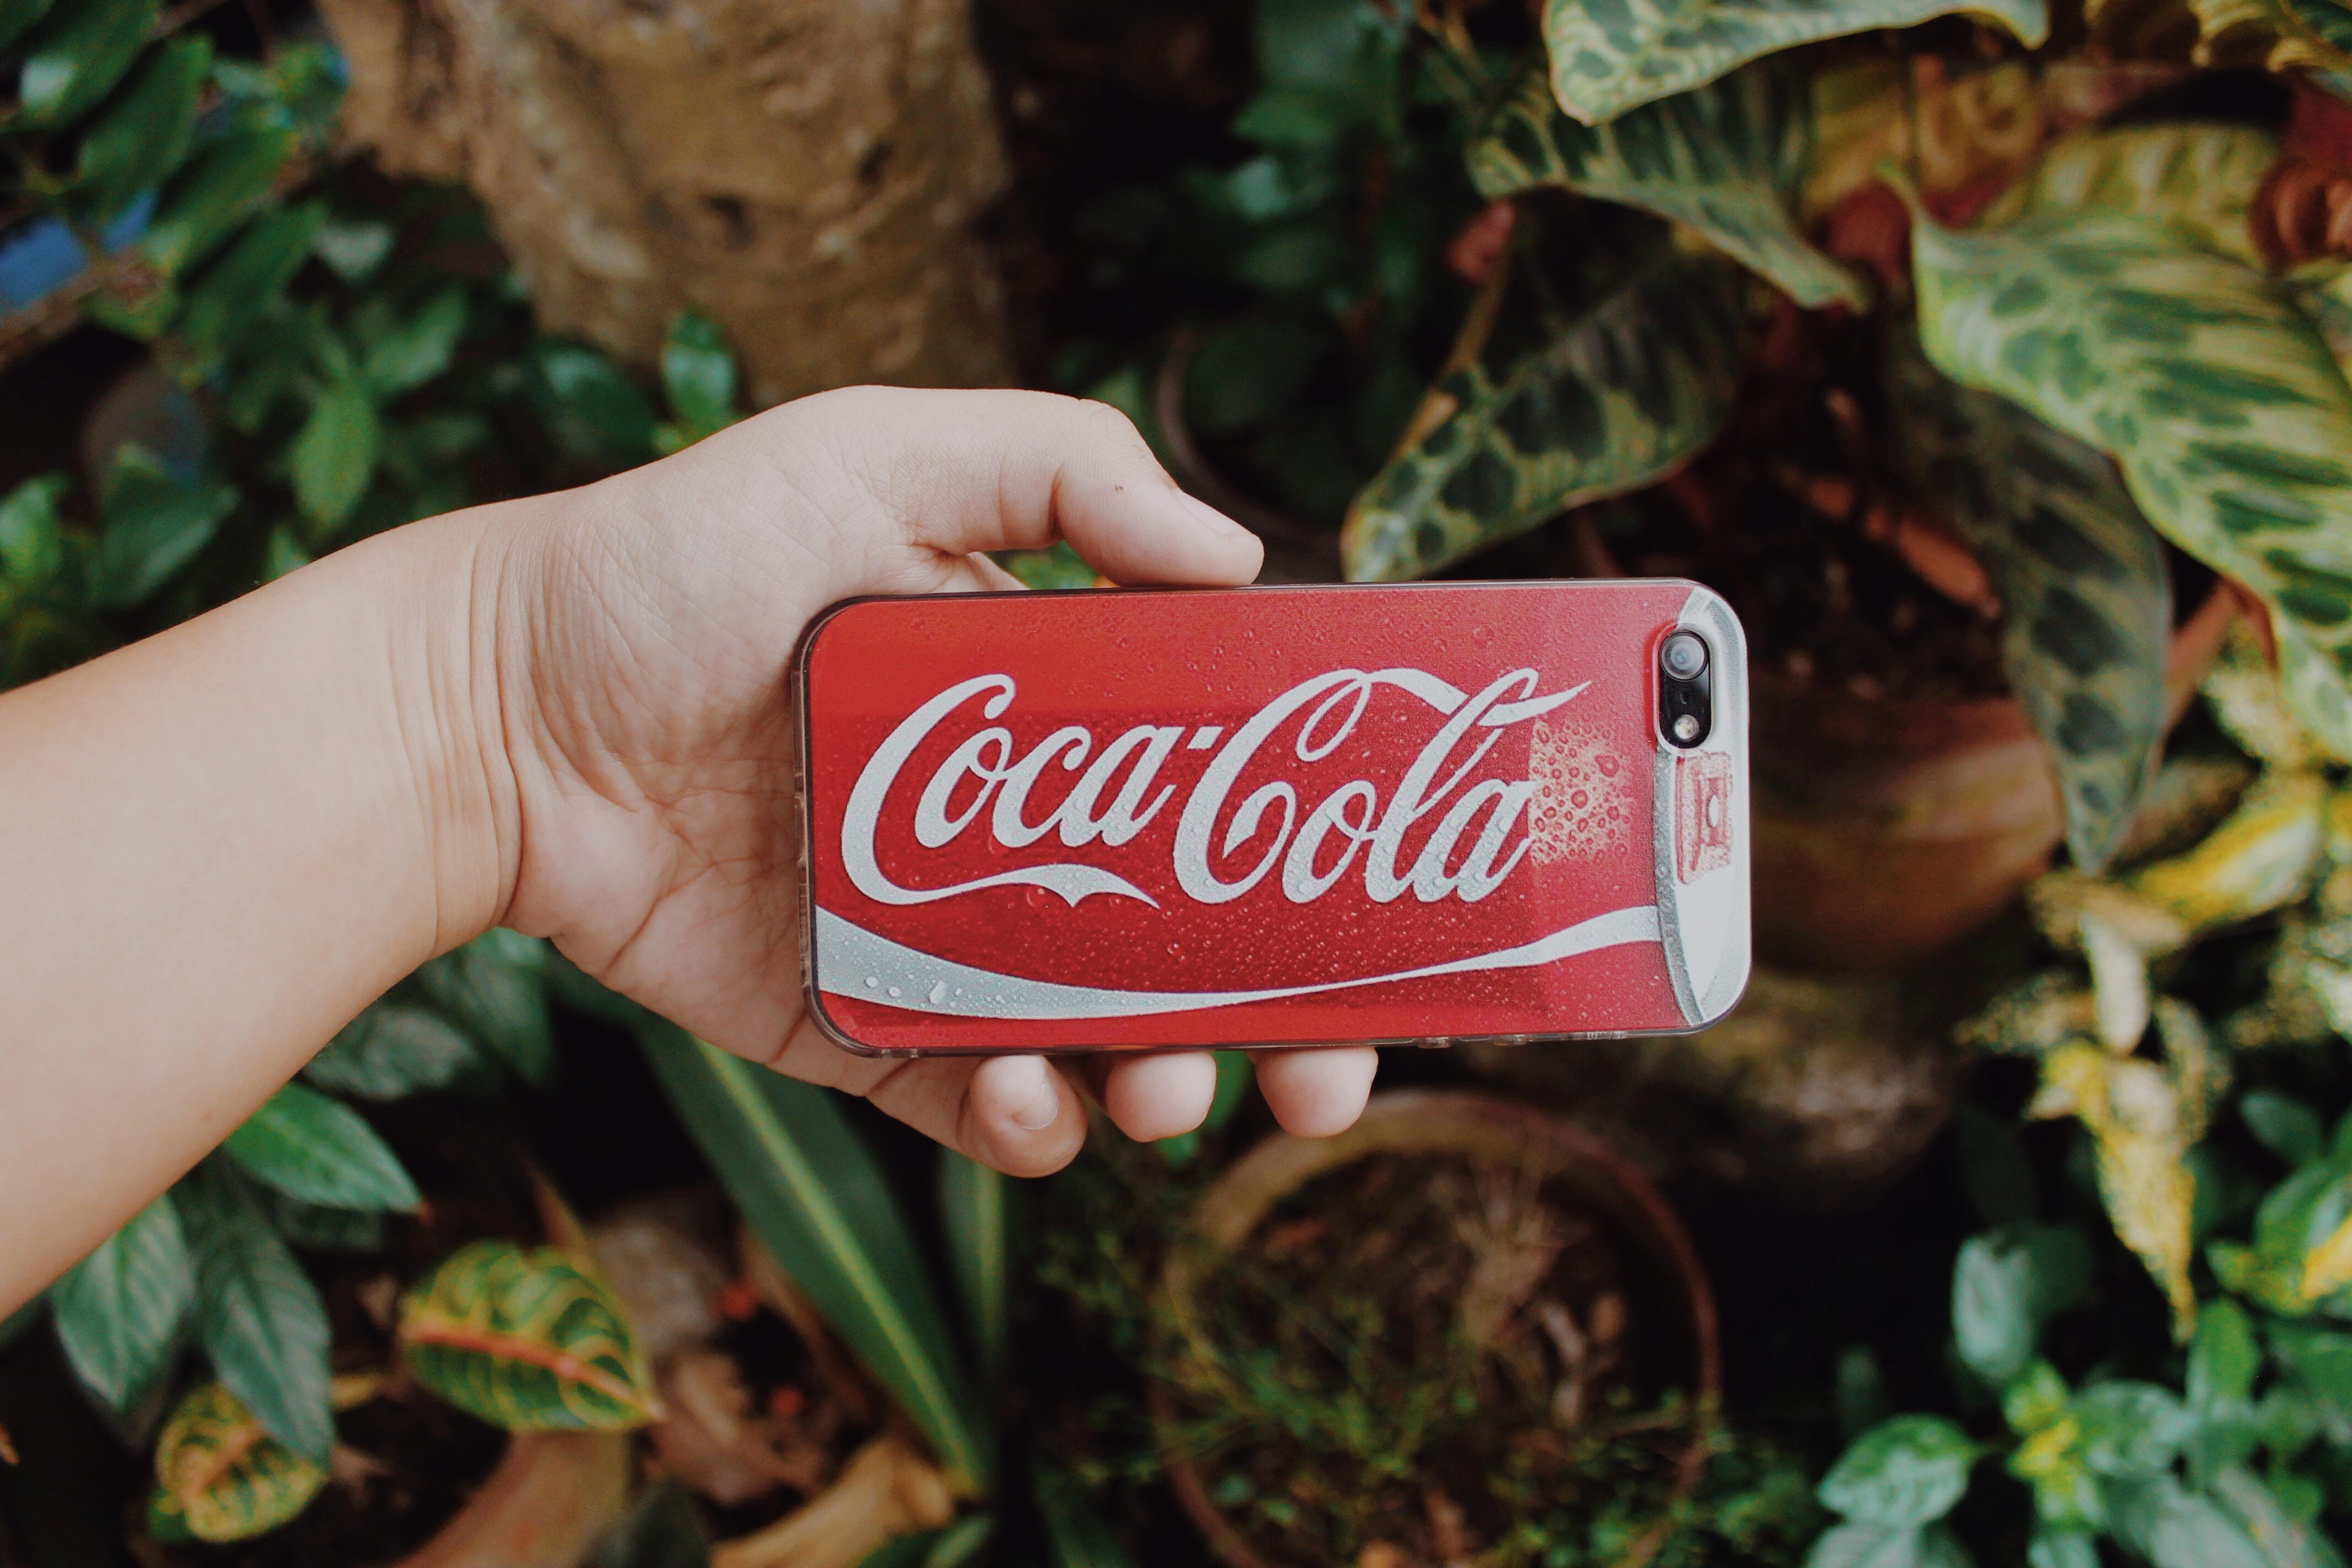 Red and white coca-cola smartphone case photo